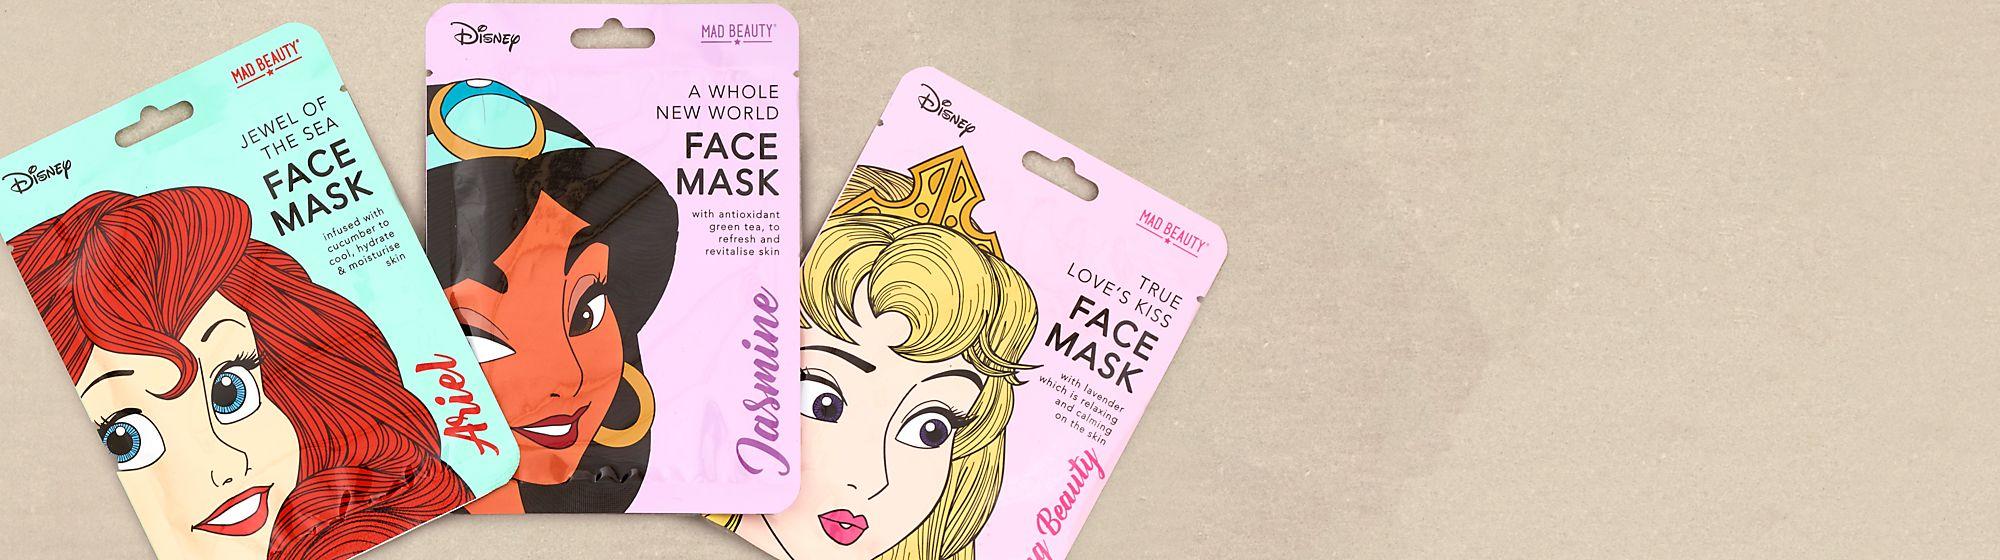 Gesichts- und Körperpflege Durchstöbere unser Sortiment an Gesichts- und Körperpflegeprodukten und entdecke Motive deiner Lieblingsfiguren wie Disney Prinzessinnen und Minnie Maus.